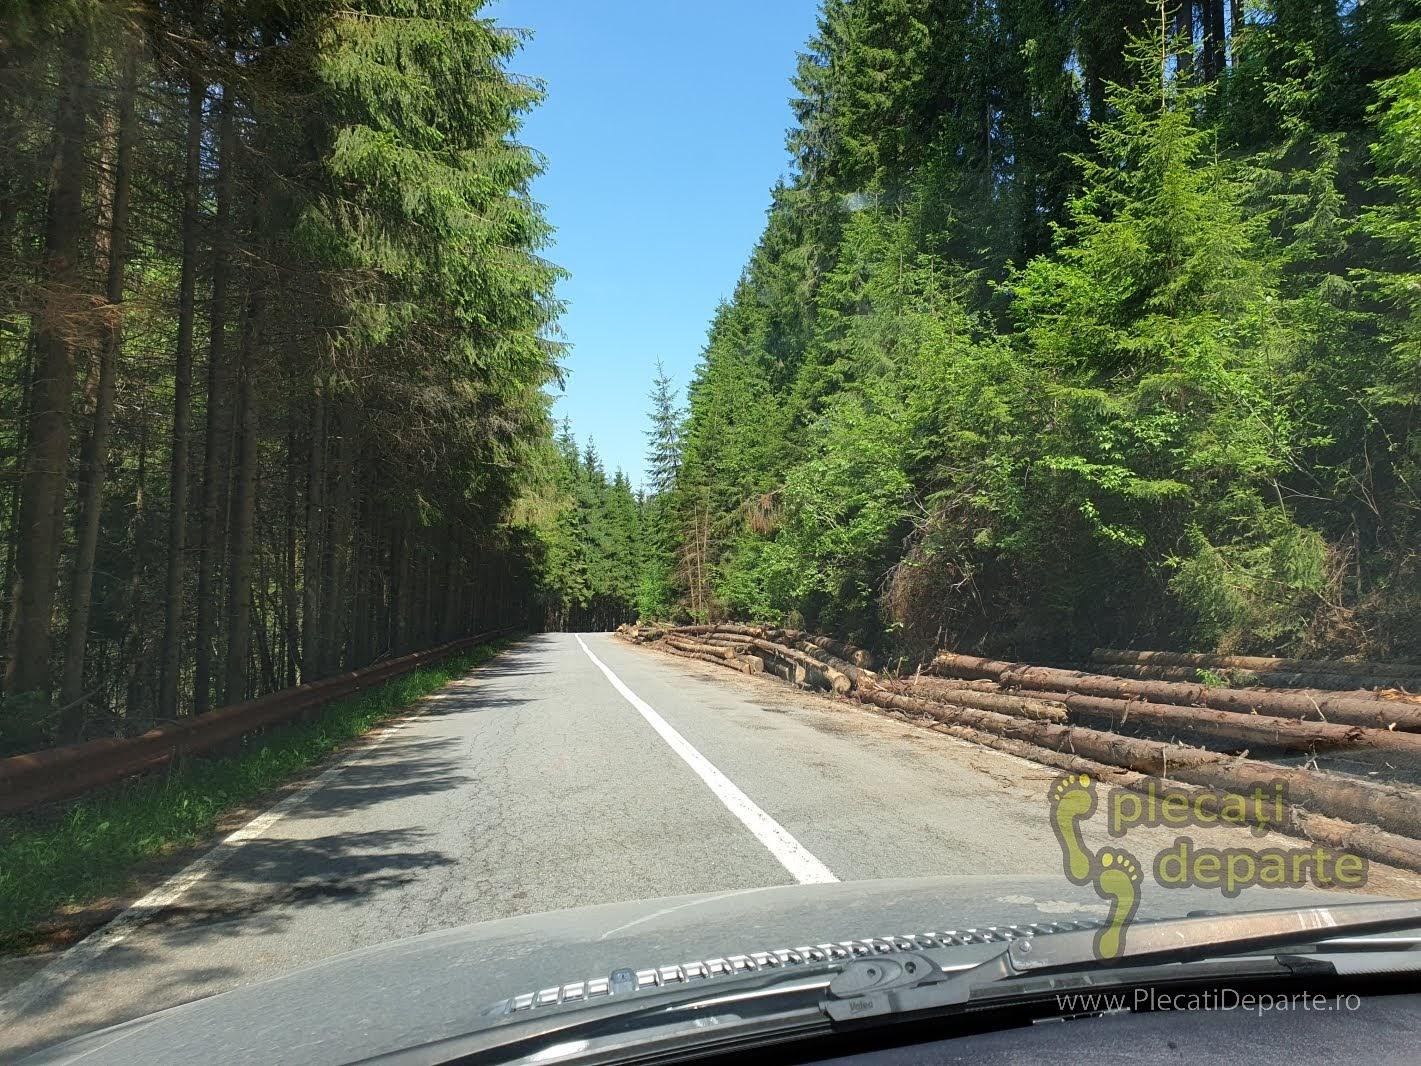 muntii apuseni tara motilor transursoaia trans-ursoaia dn 1R dn1R lacul belis taieri paduri defrisari lemn romanesc copaci taiati despadurire fond forestier